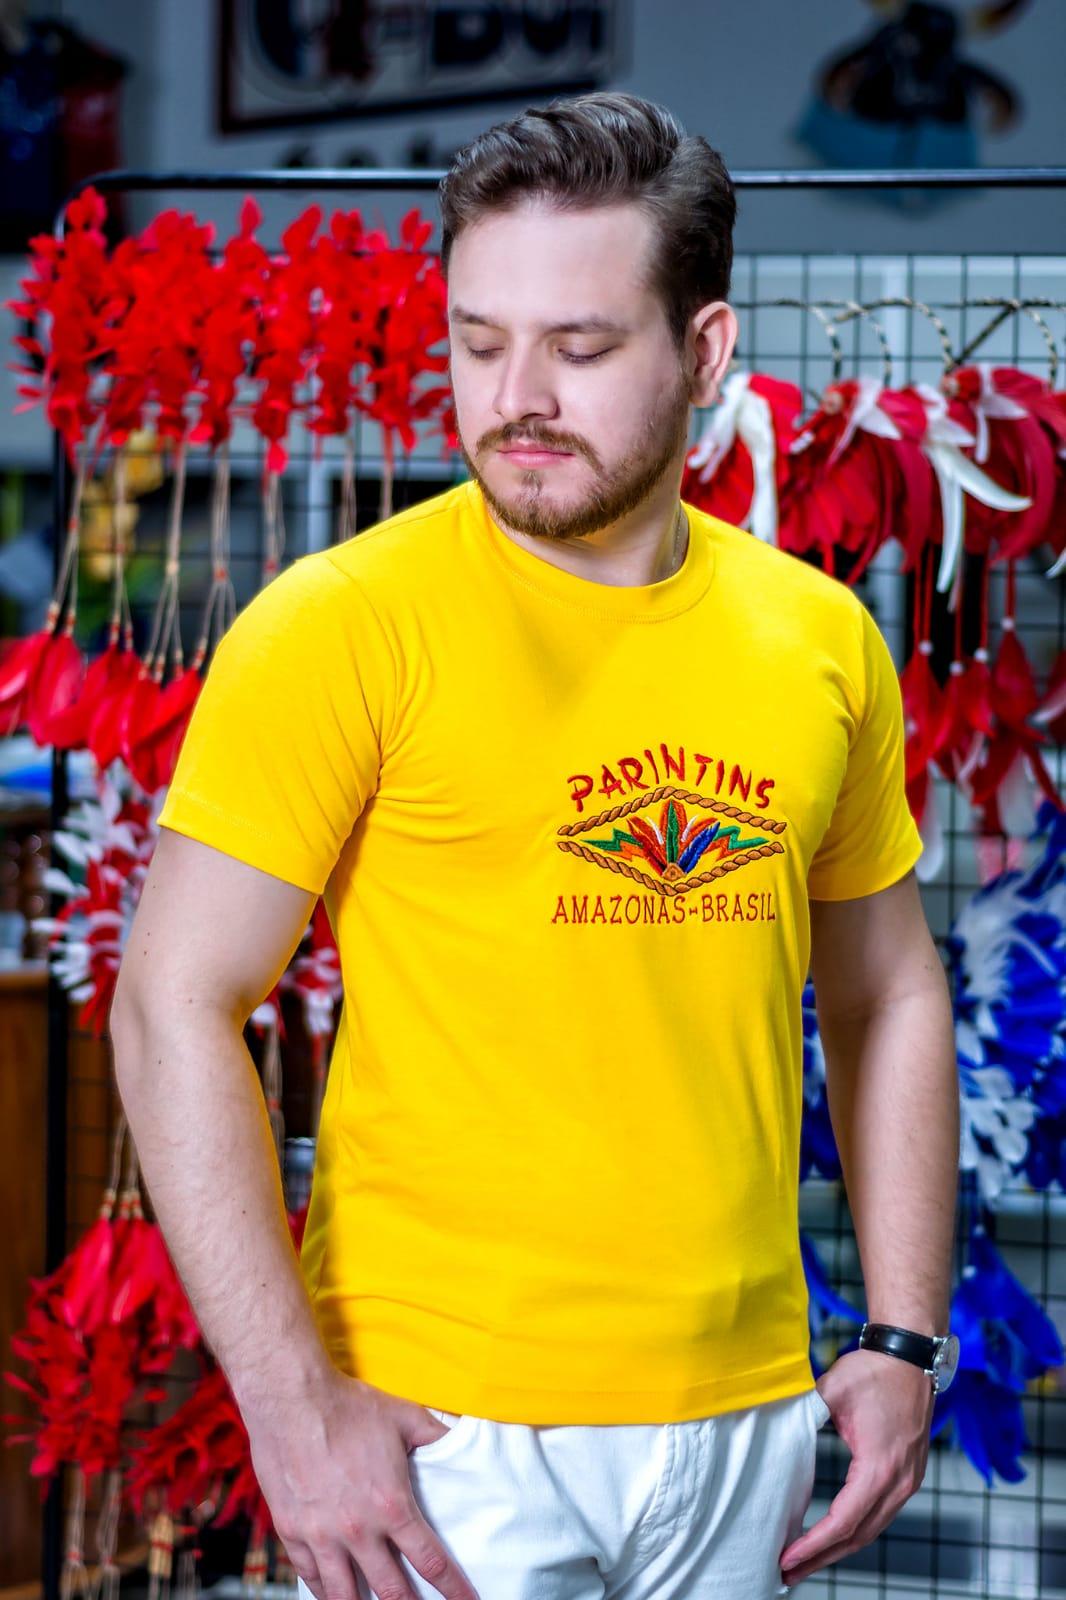 Camisa Básica Parintins 02 - Q BOI Produtos do Festival de Parintins